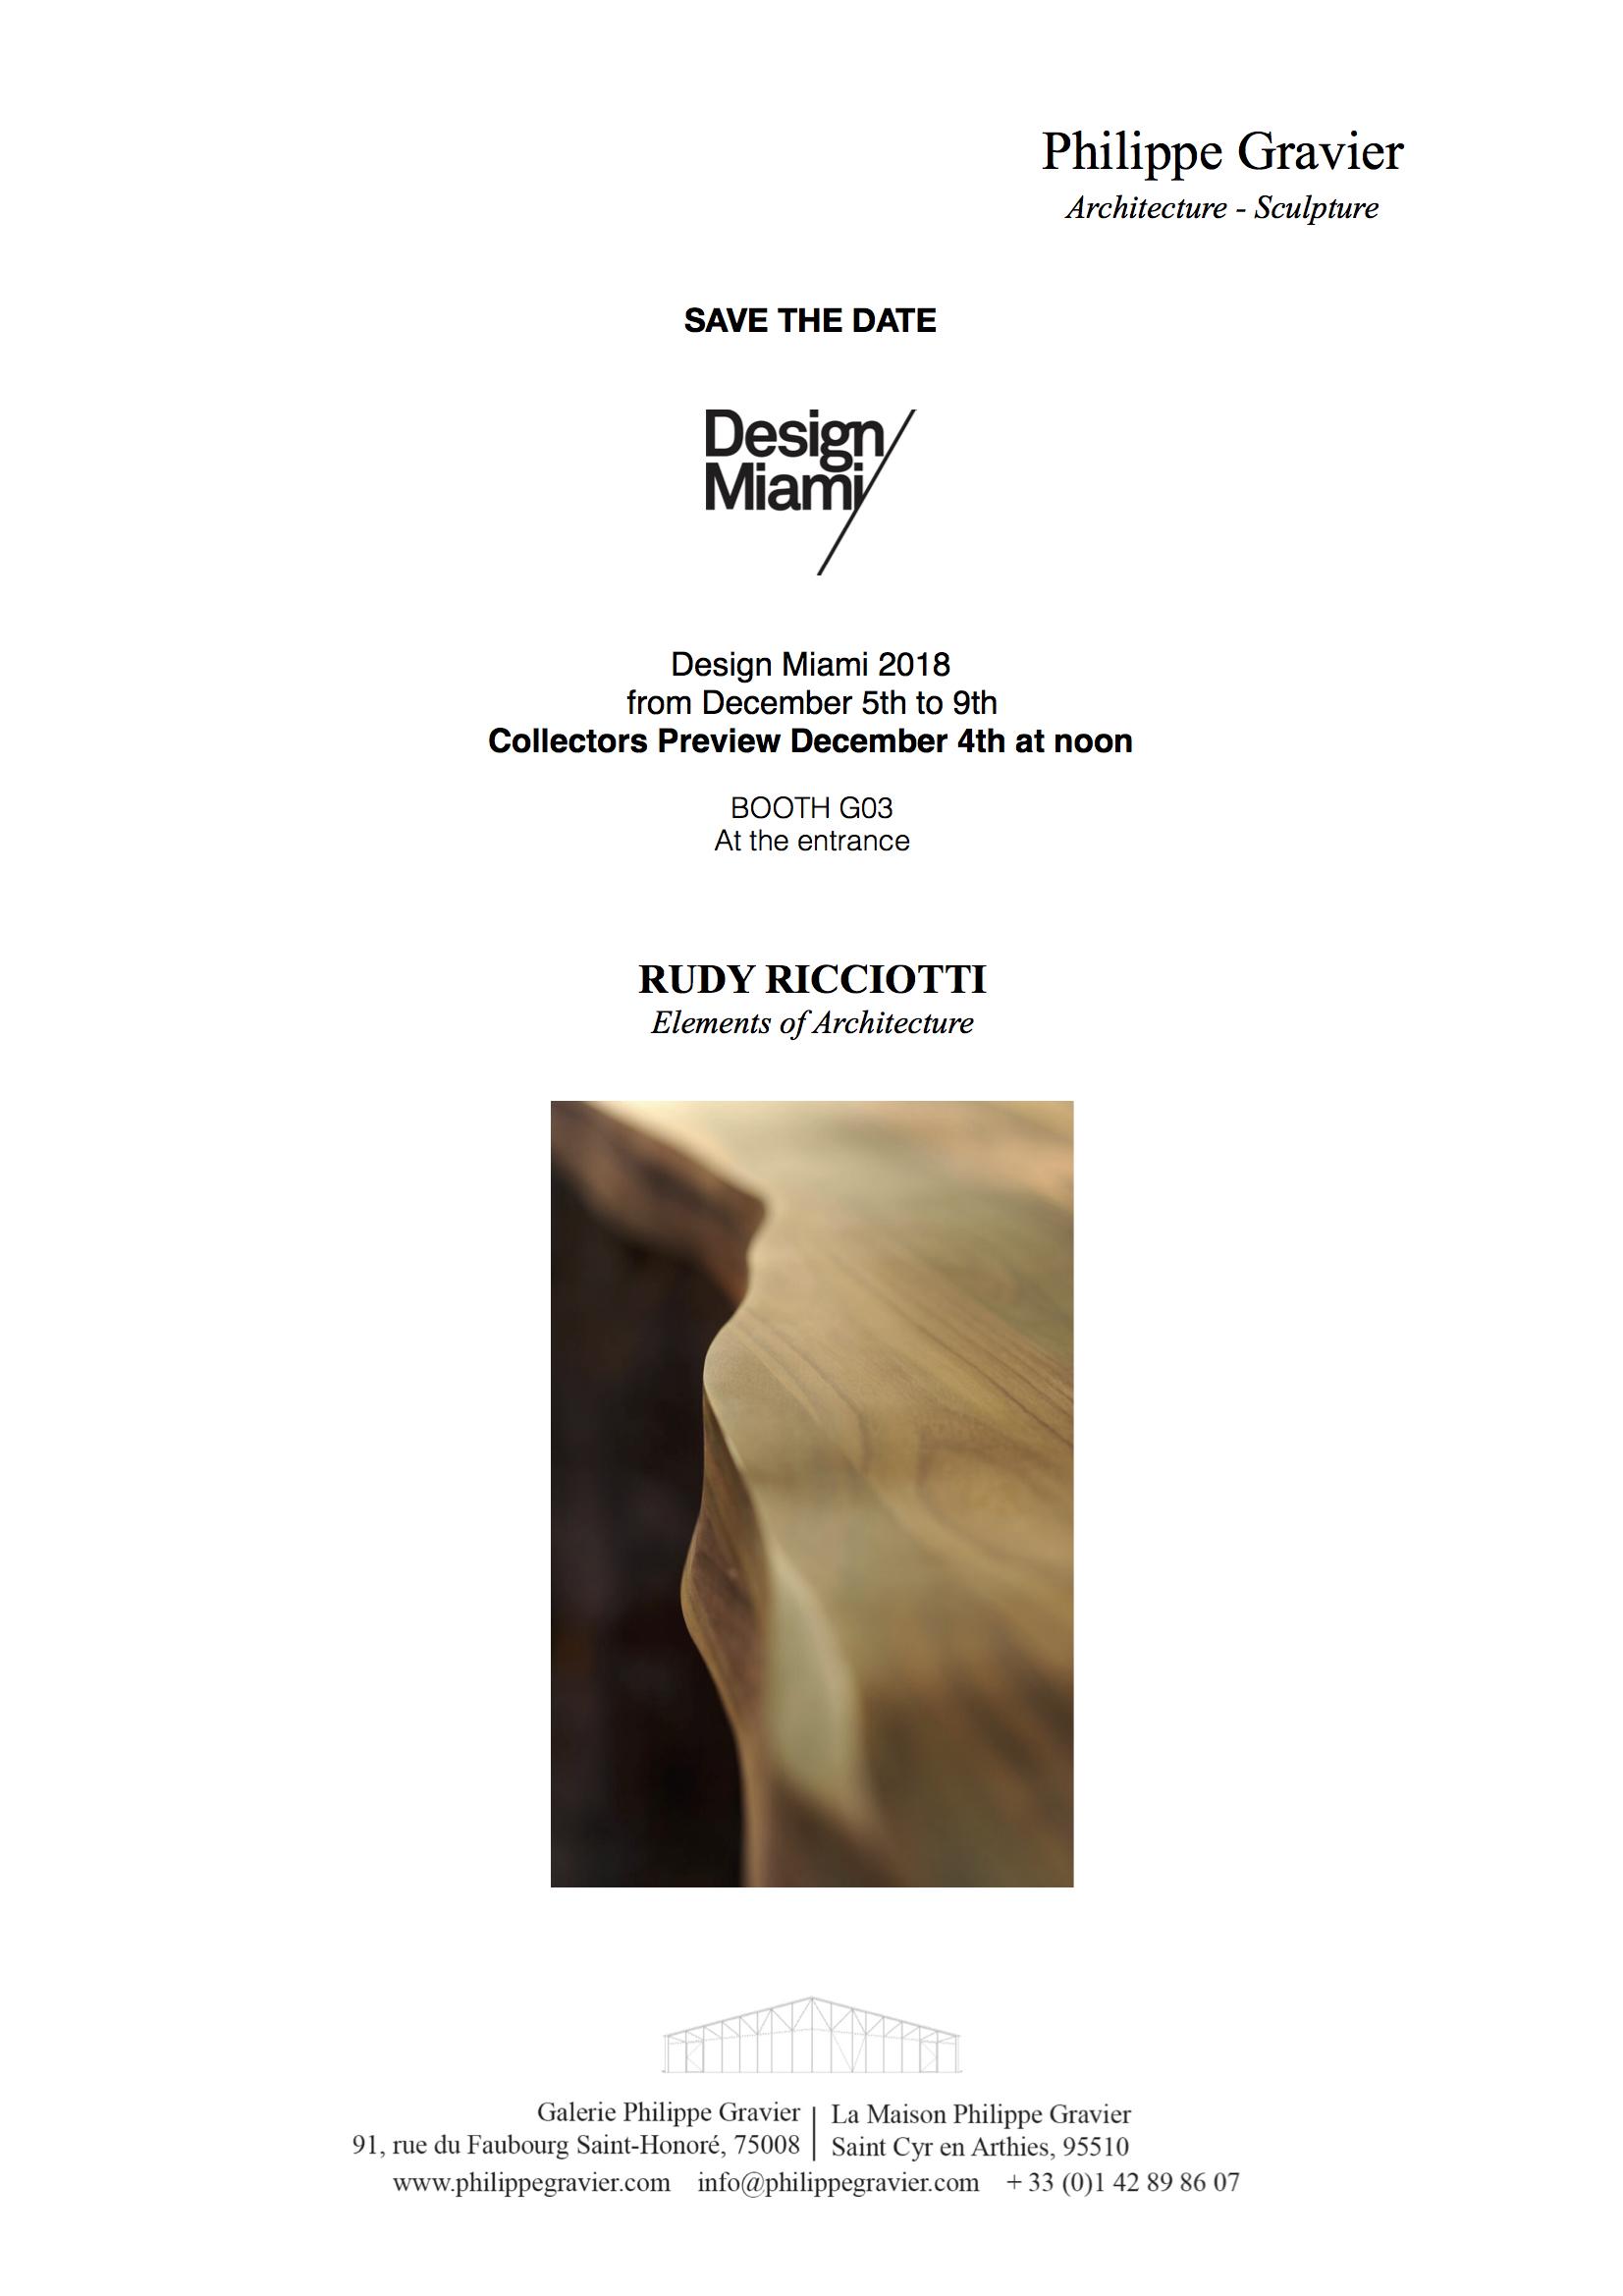 Design/Miami 2018, Rudy Ricciotti